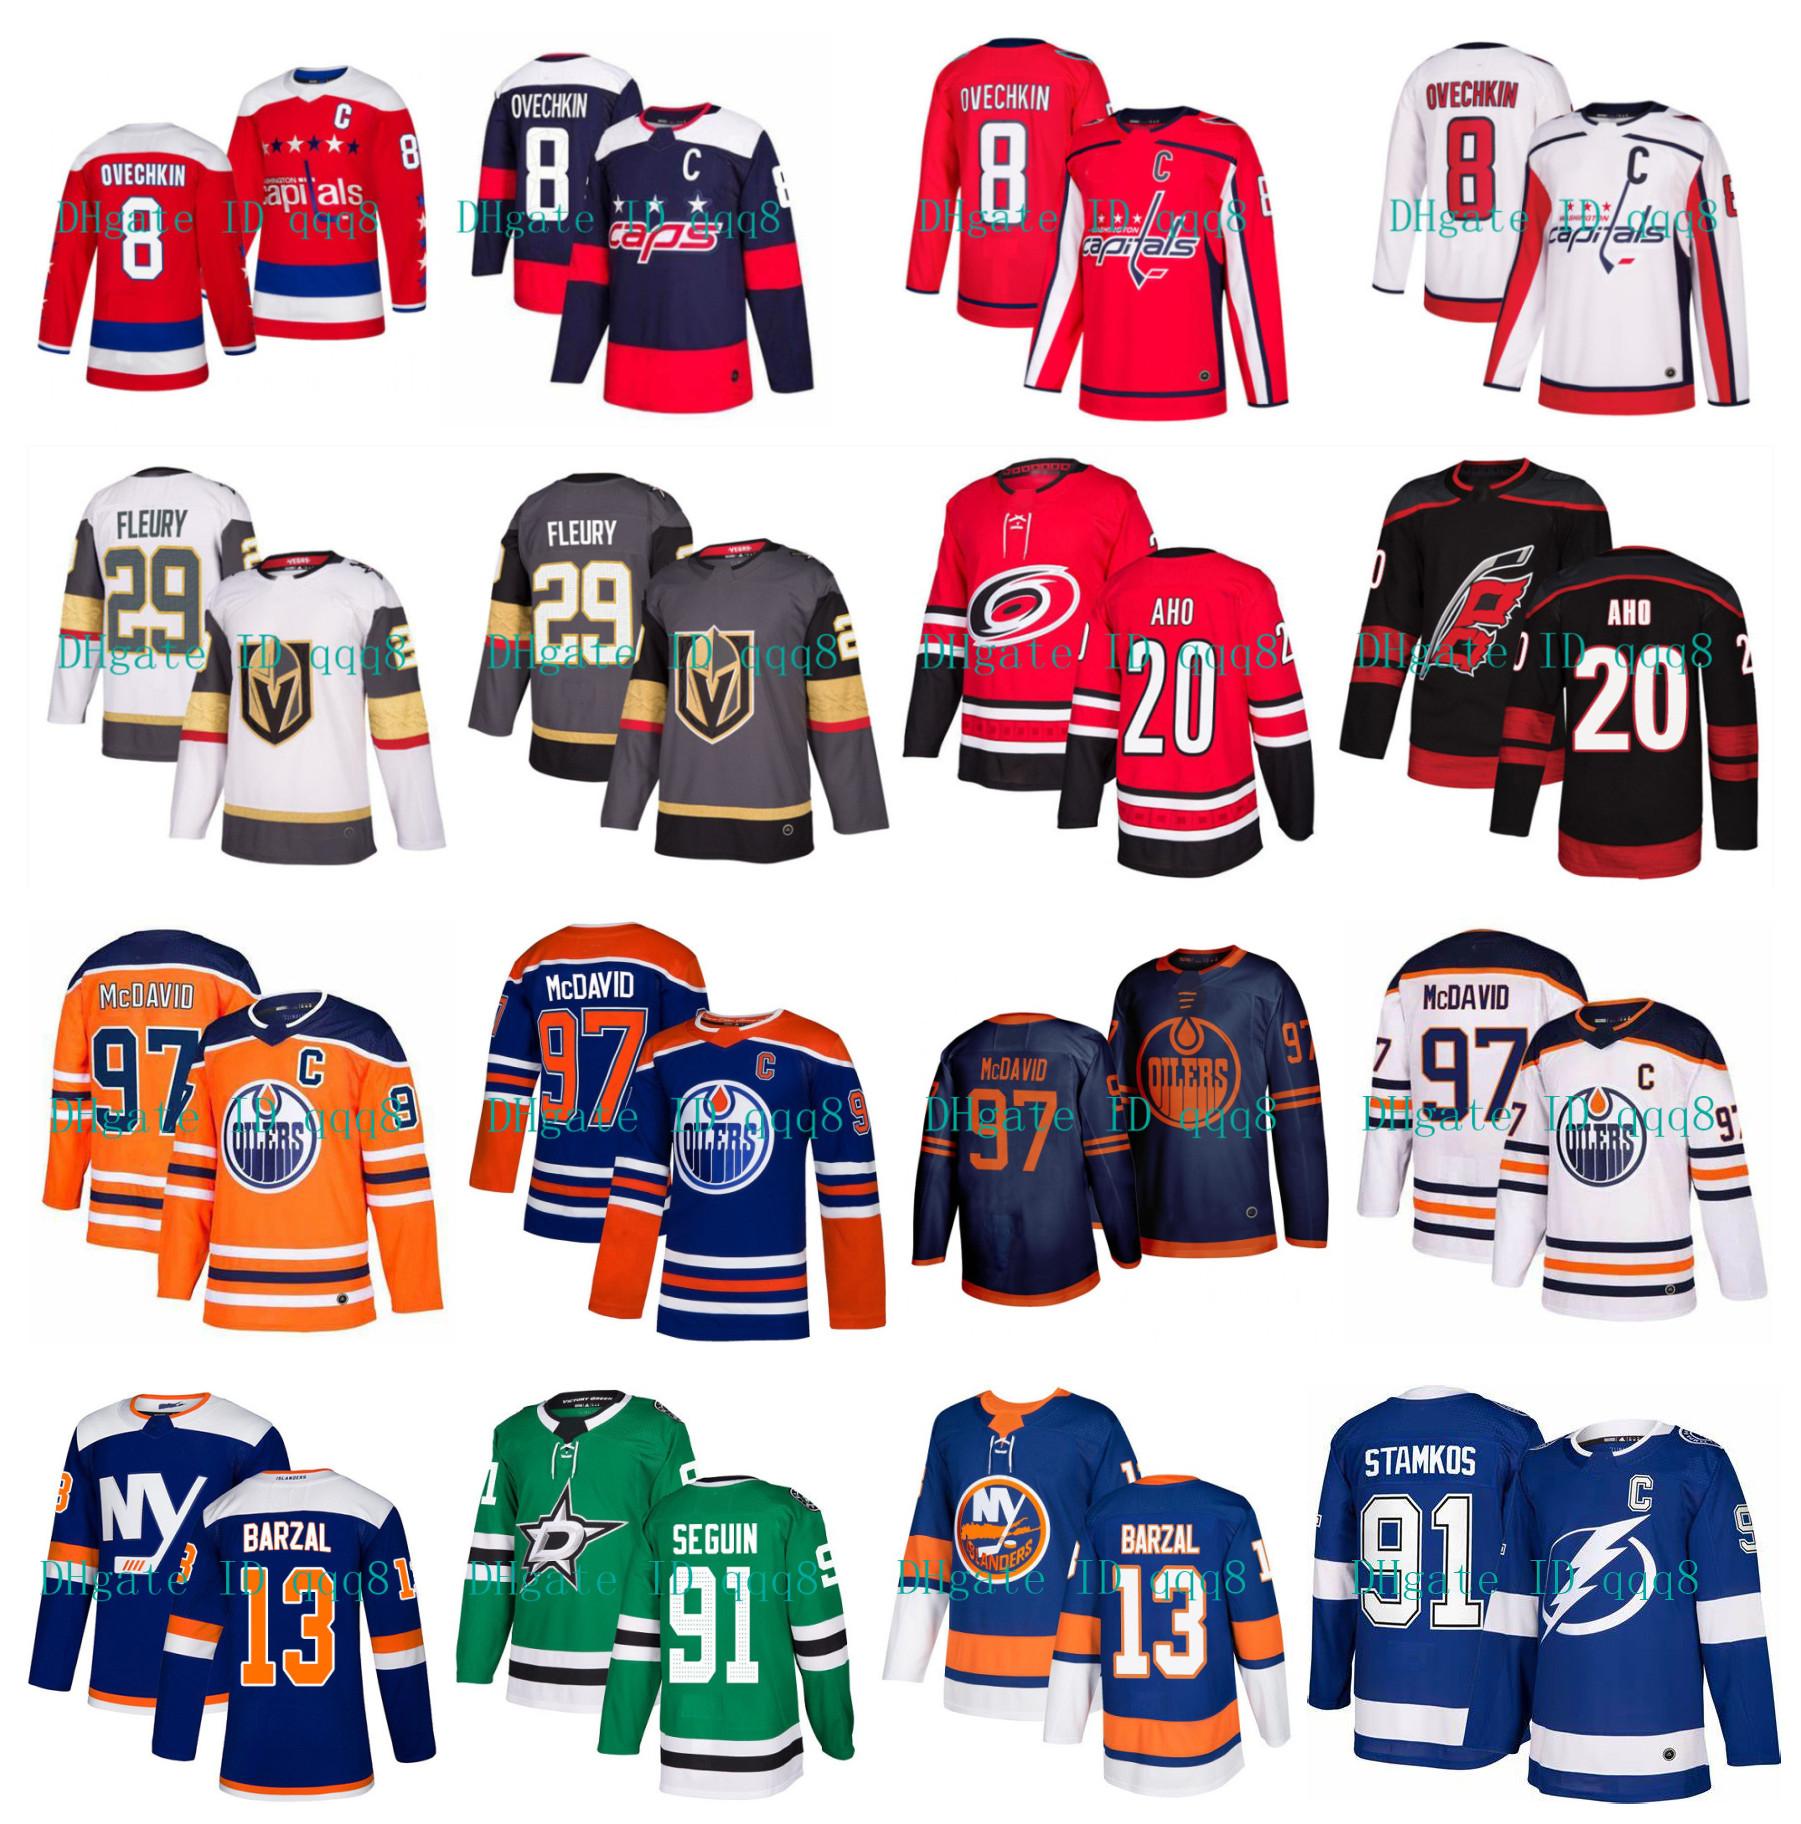 where to buy cheap hockey jerseys